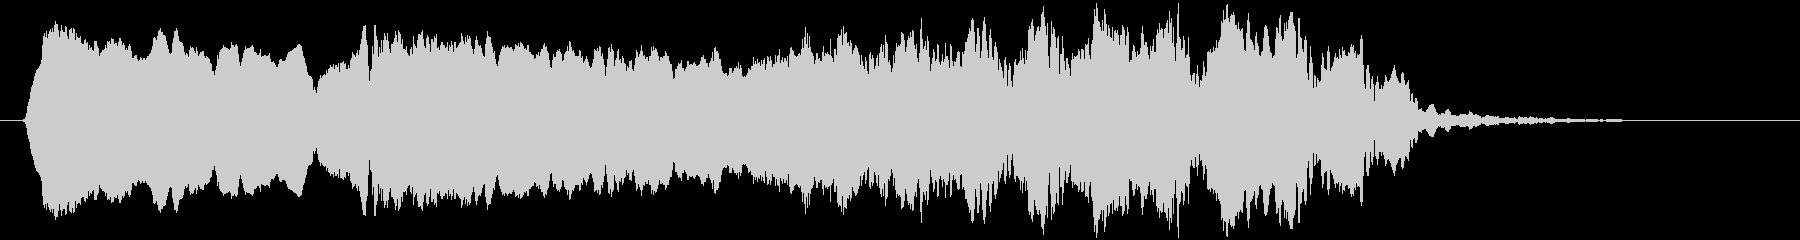 トンビ(トビ、鳶)ヒィーヨォォーロロロロの未再生の波形